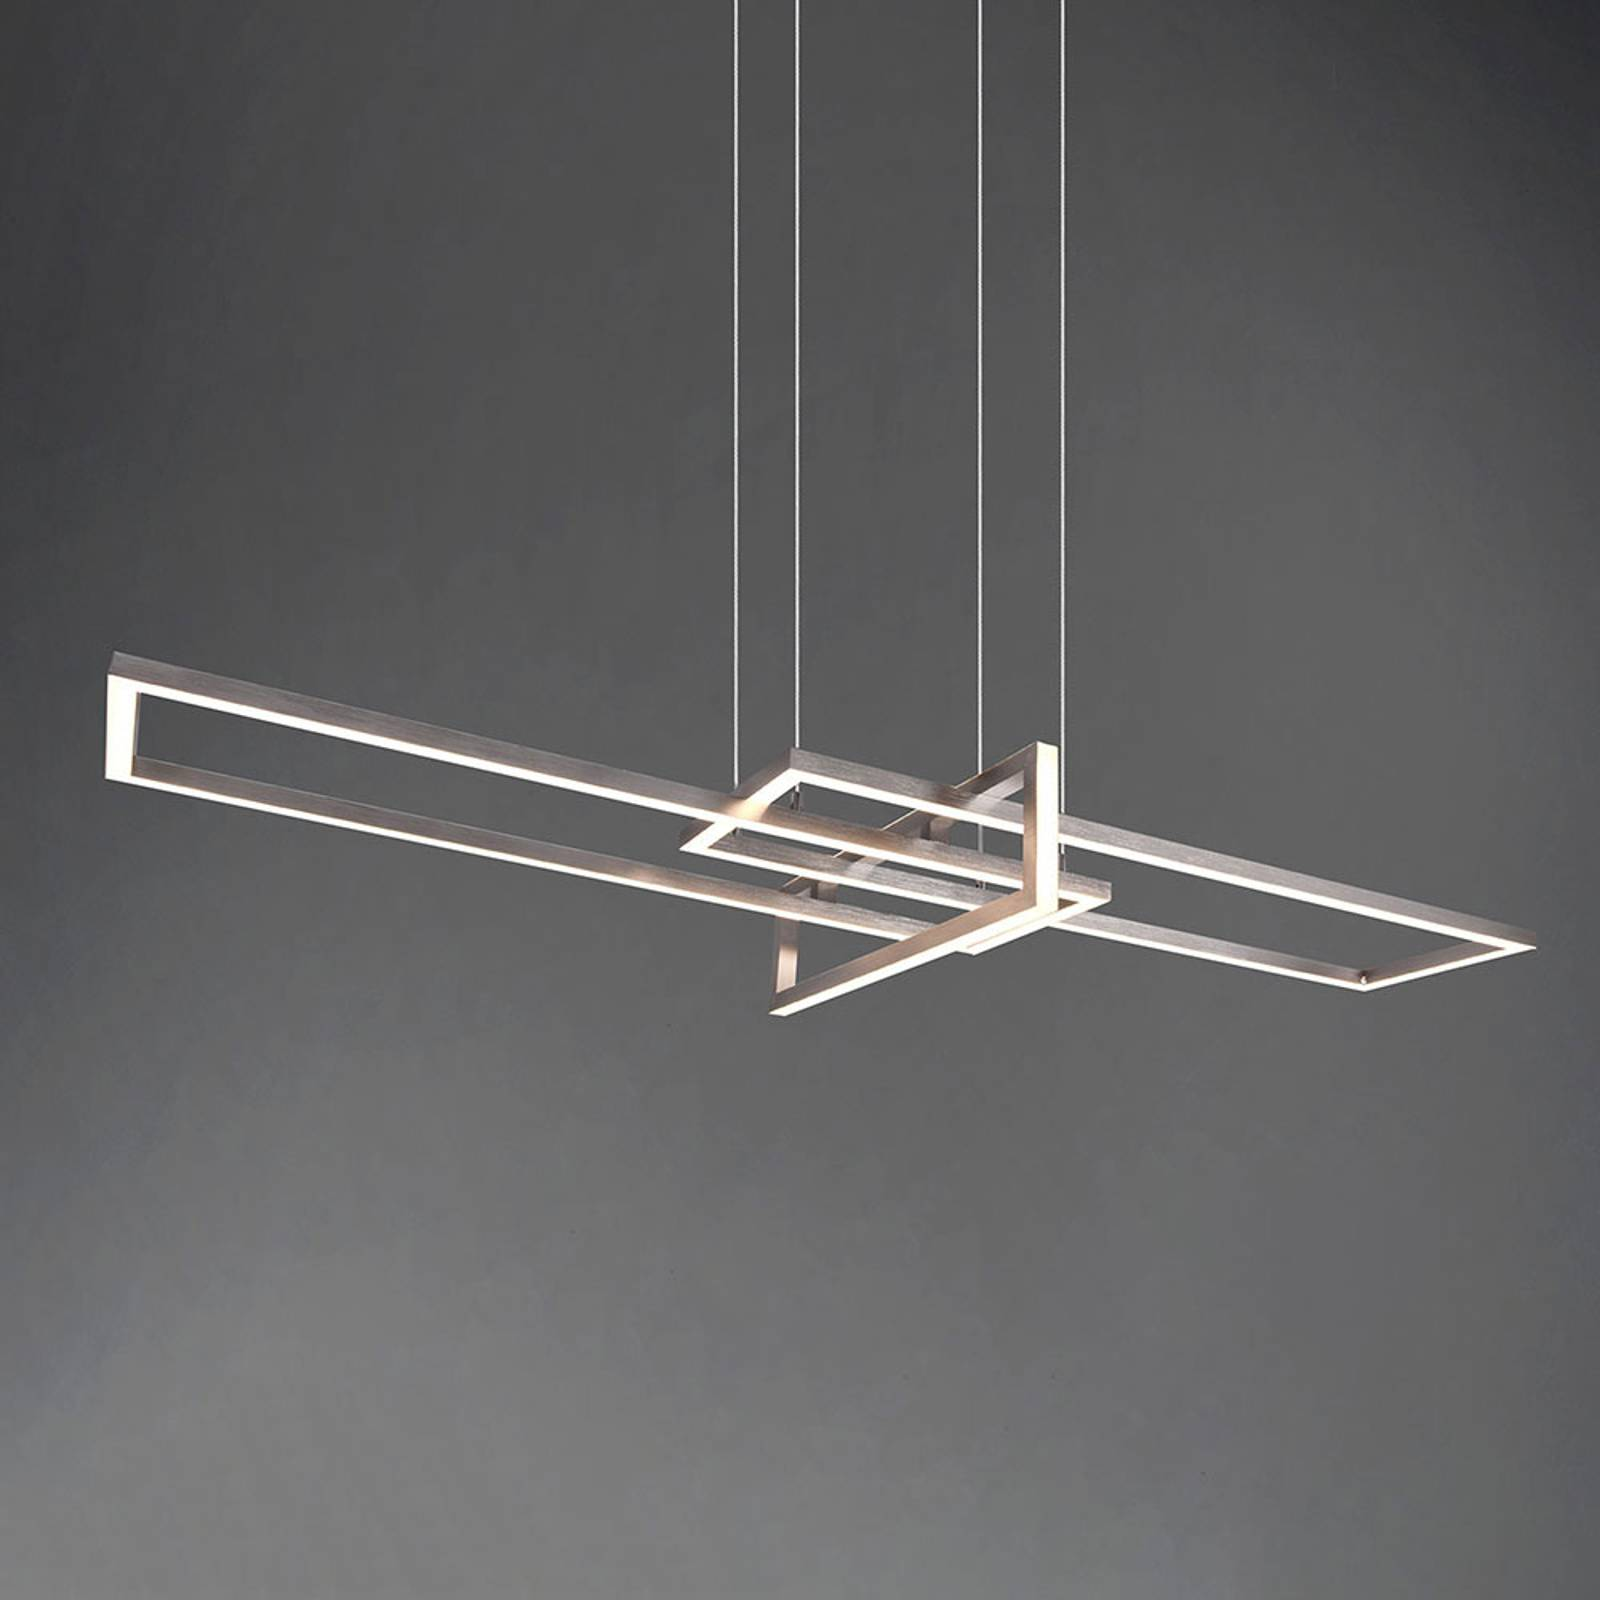 LED hanglamp Salinas, 3.000 K, nikkel mat